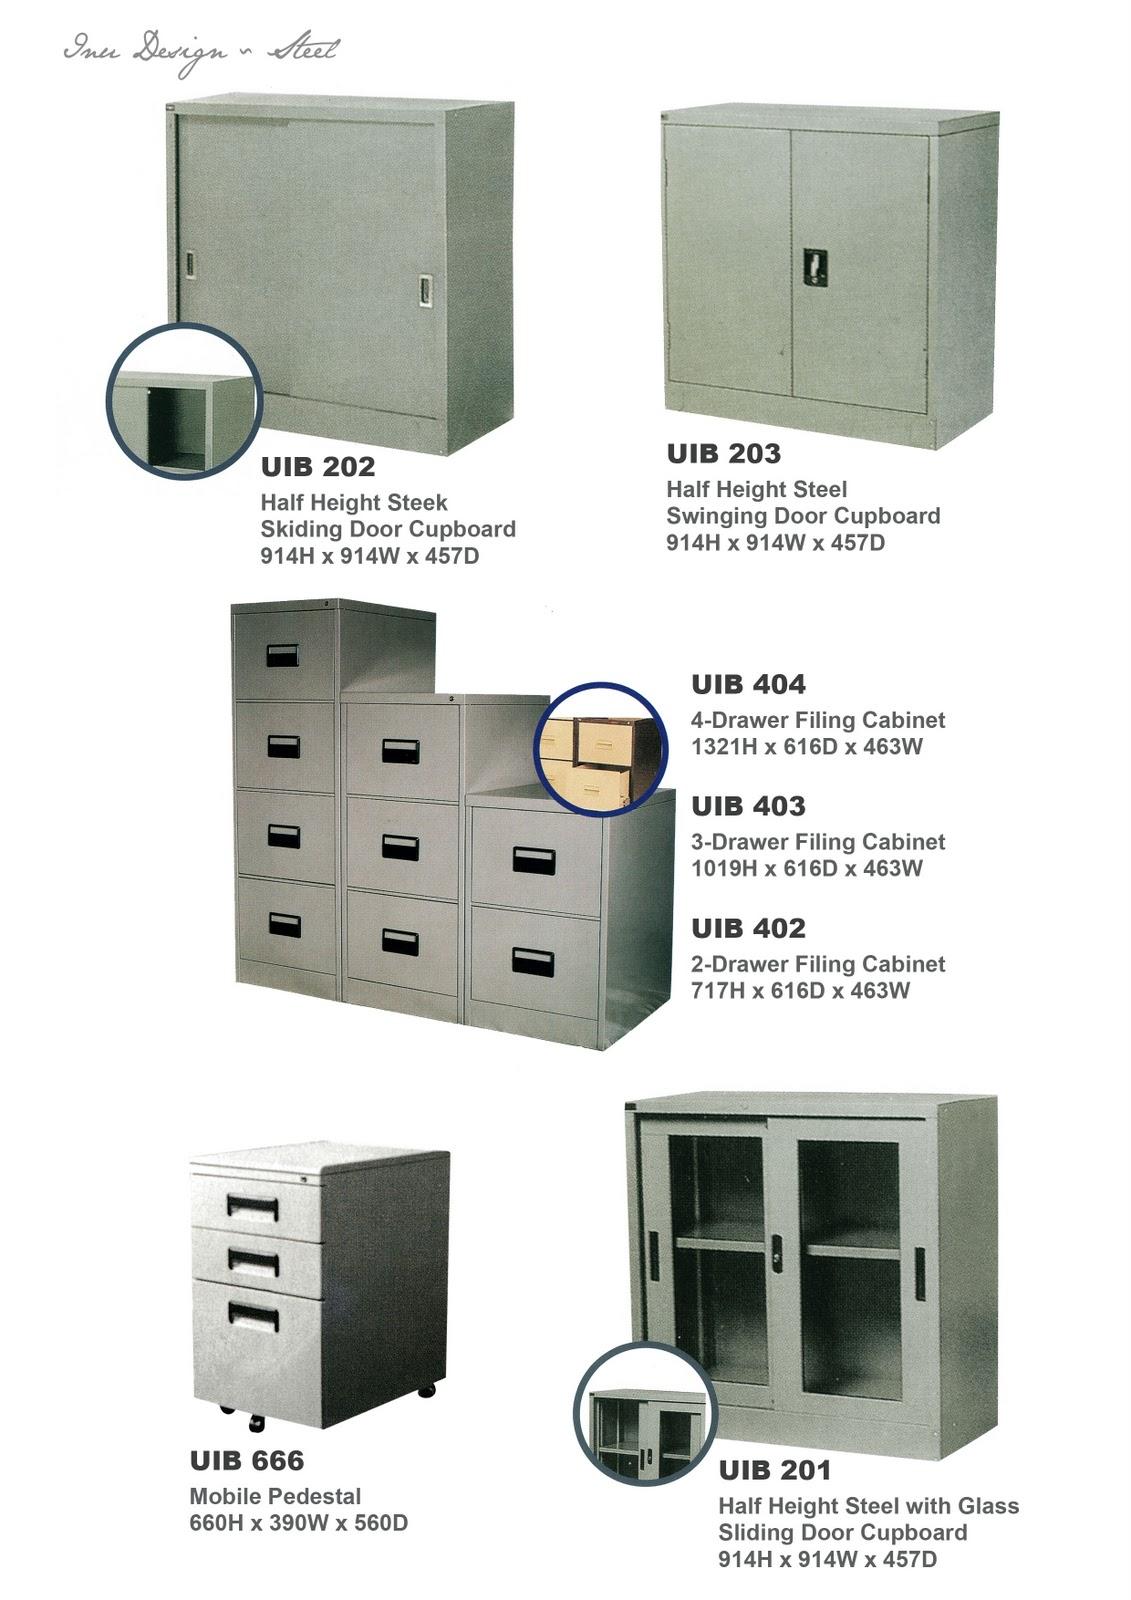 http://2.bp.blogspot.com/_OF_-HzBCzsA/TQnYZgVrFwI/AAAAAAAAANQ/6pkPGxvM-ew/s1600/Half+Height+Metal+cabinet.jpg